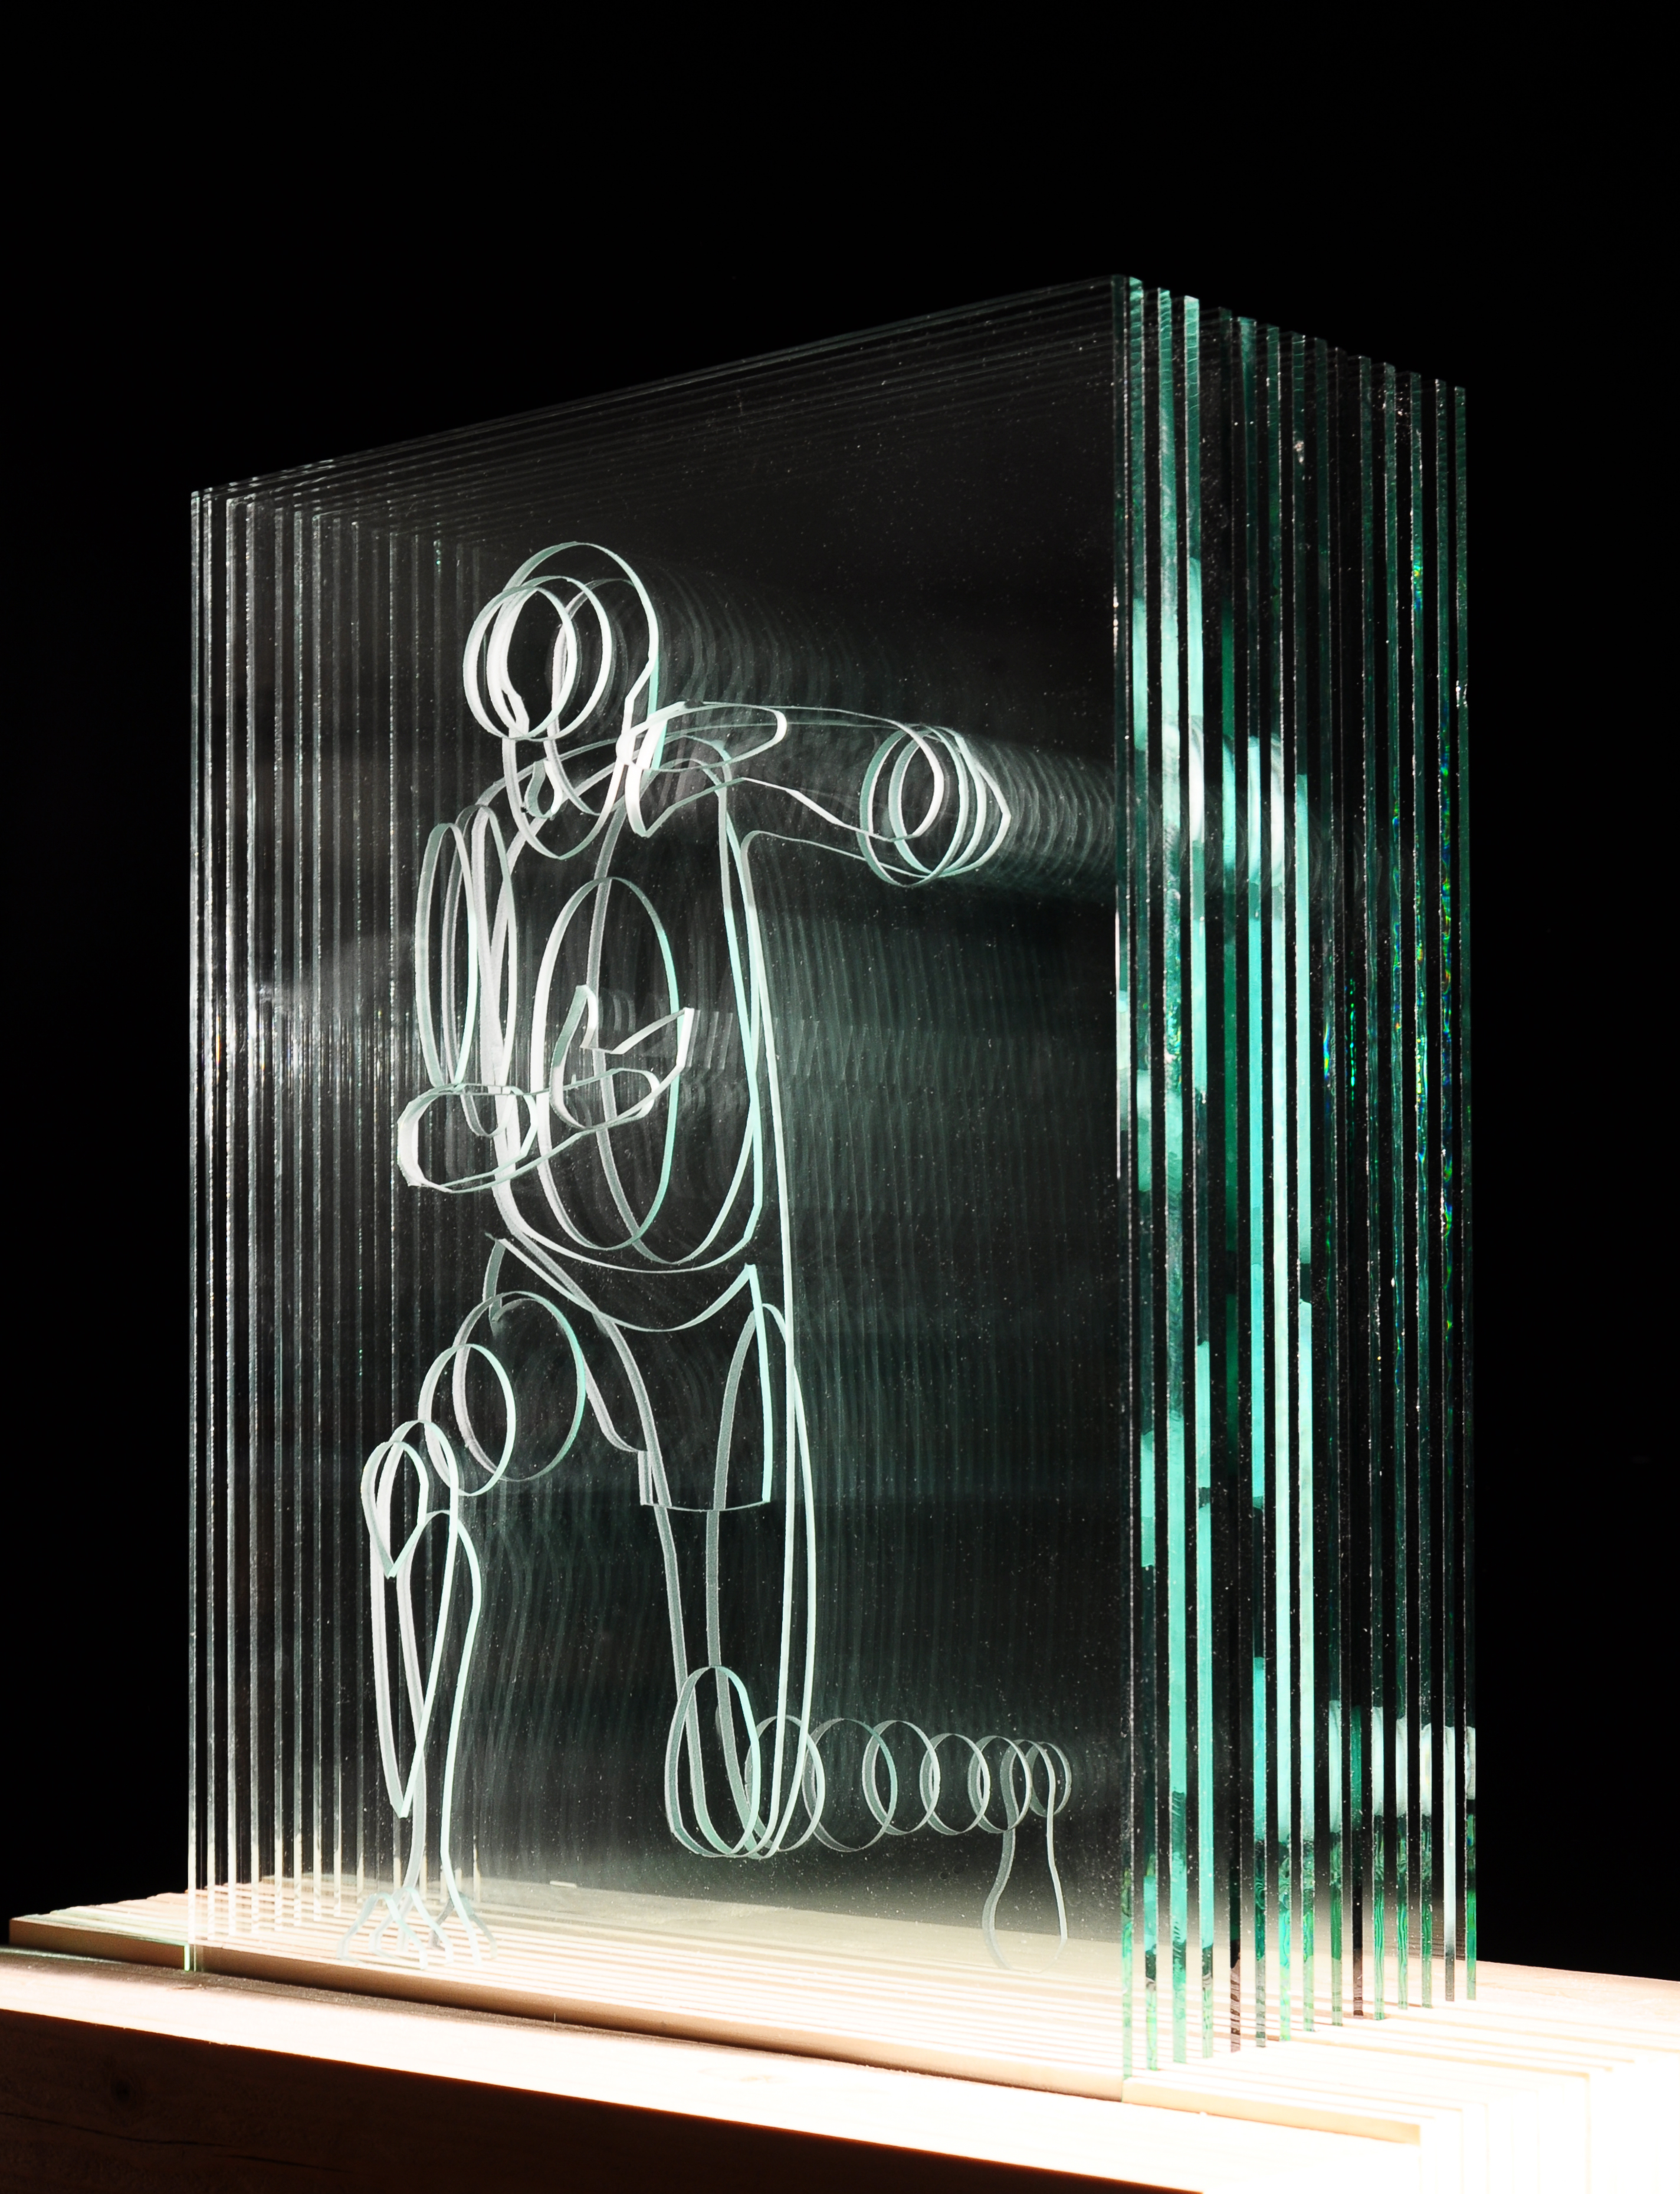 Dilemma üvegplasztika 40x60x20 cm 2017.november